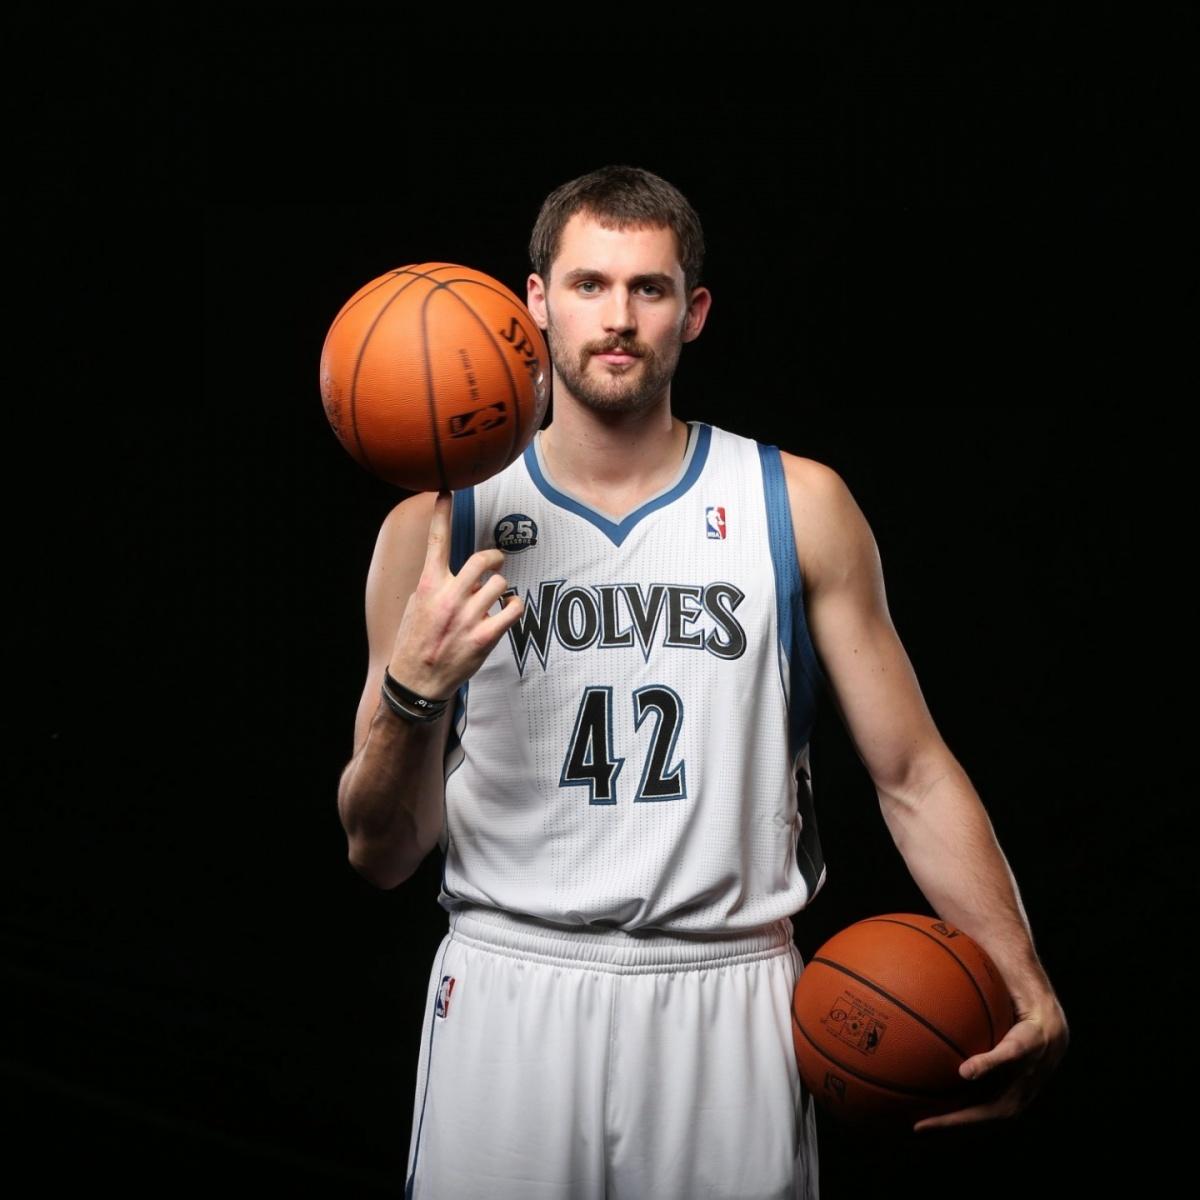 фото баскетболиста с мячом его помощью